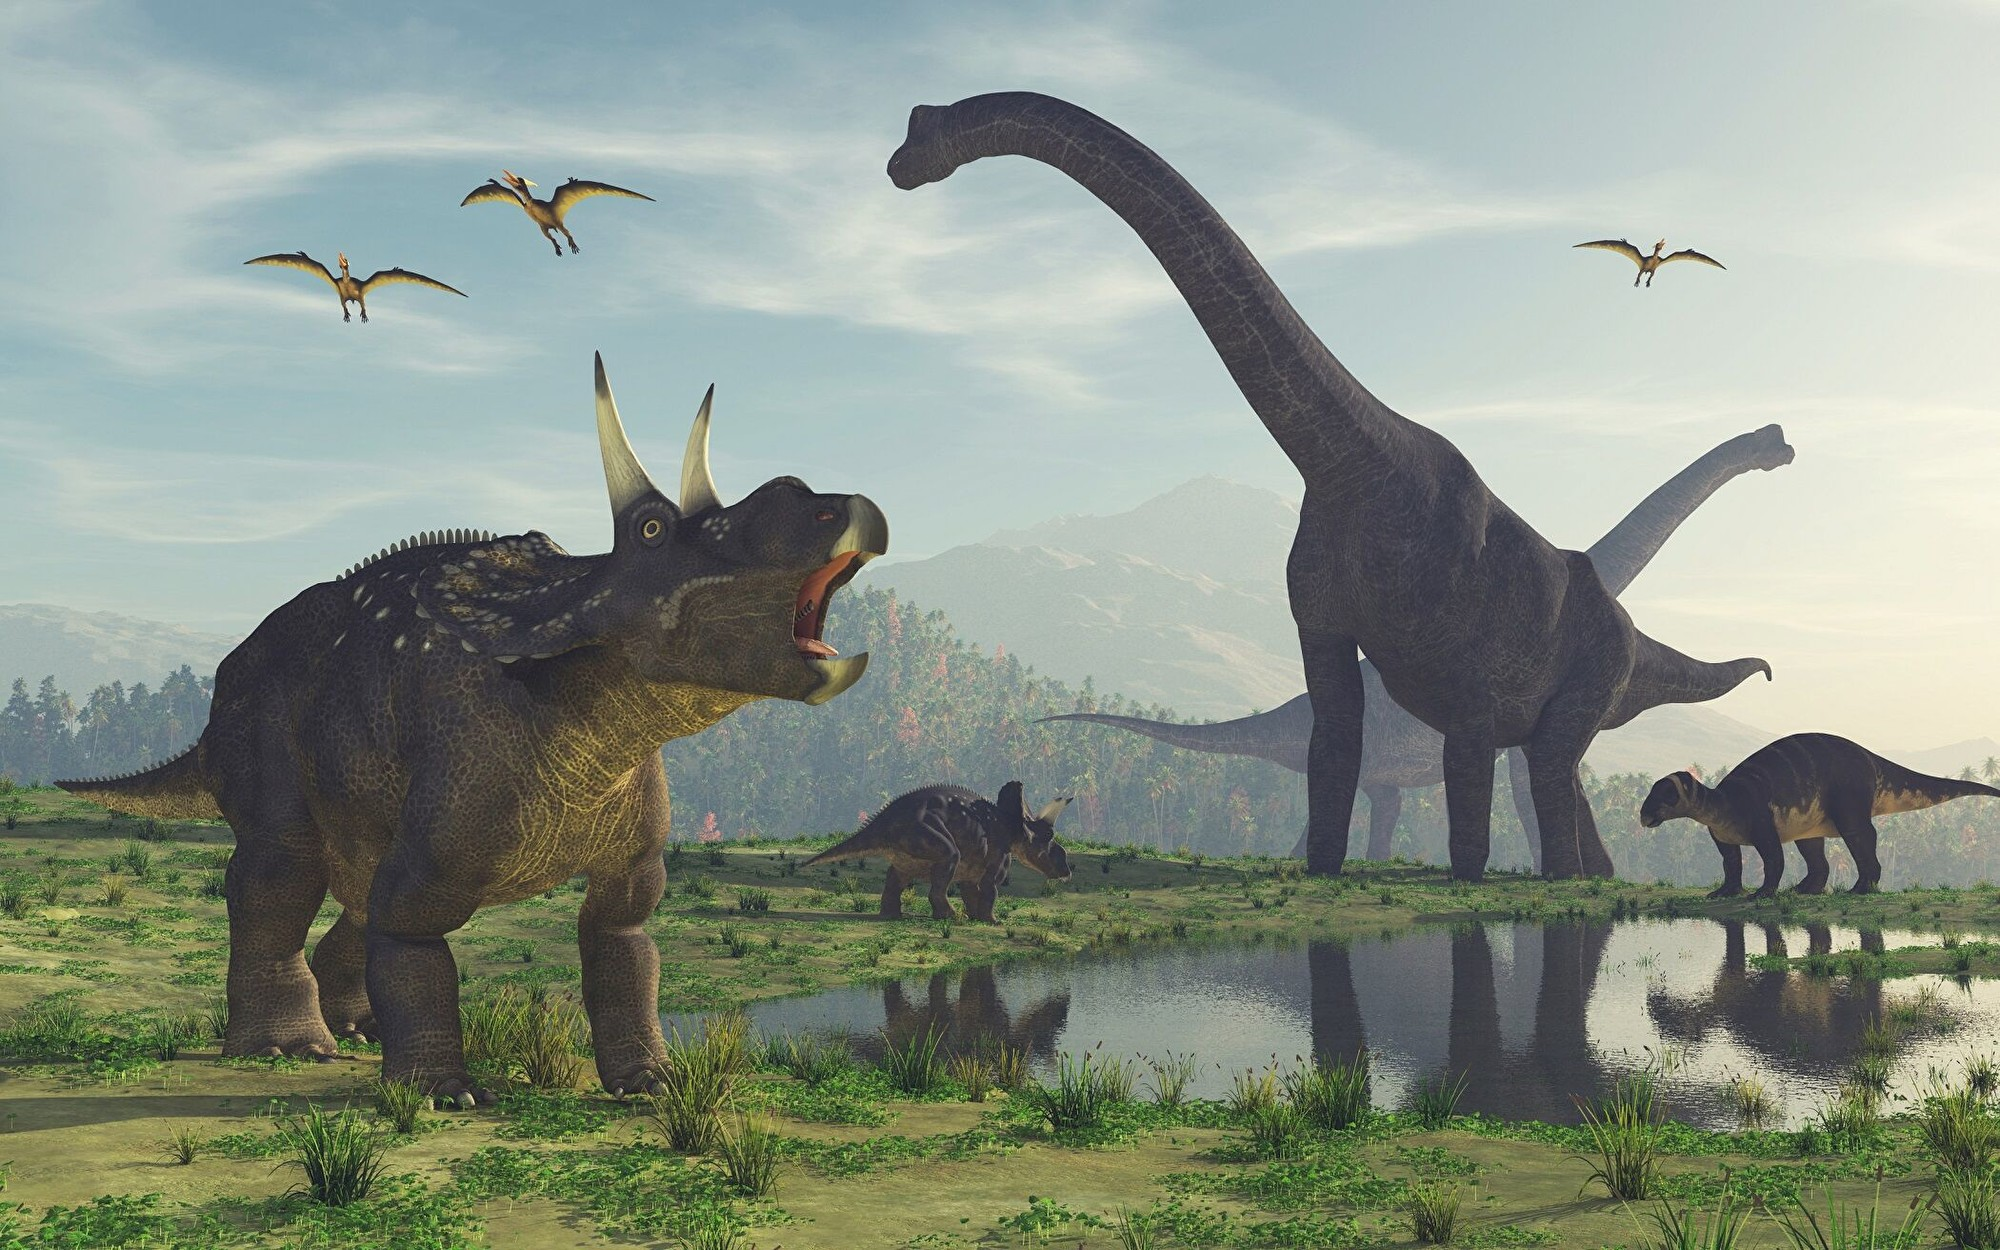 蒙古發現史前長羽毛恐龍 形似大鸚鵡